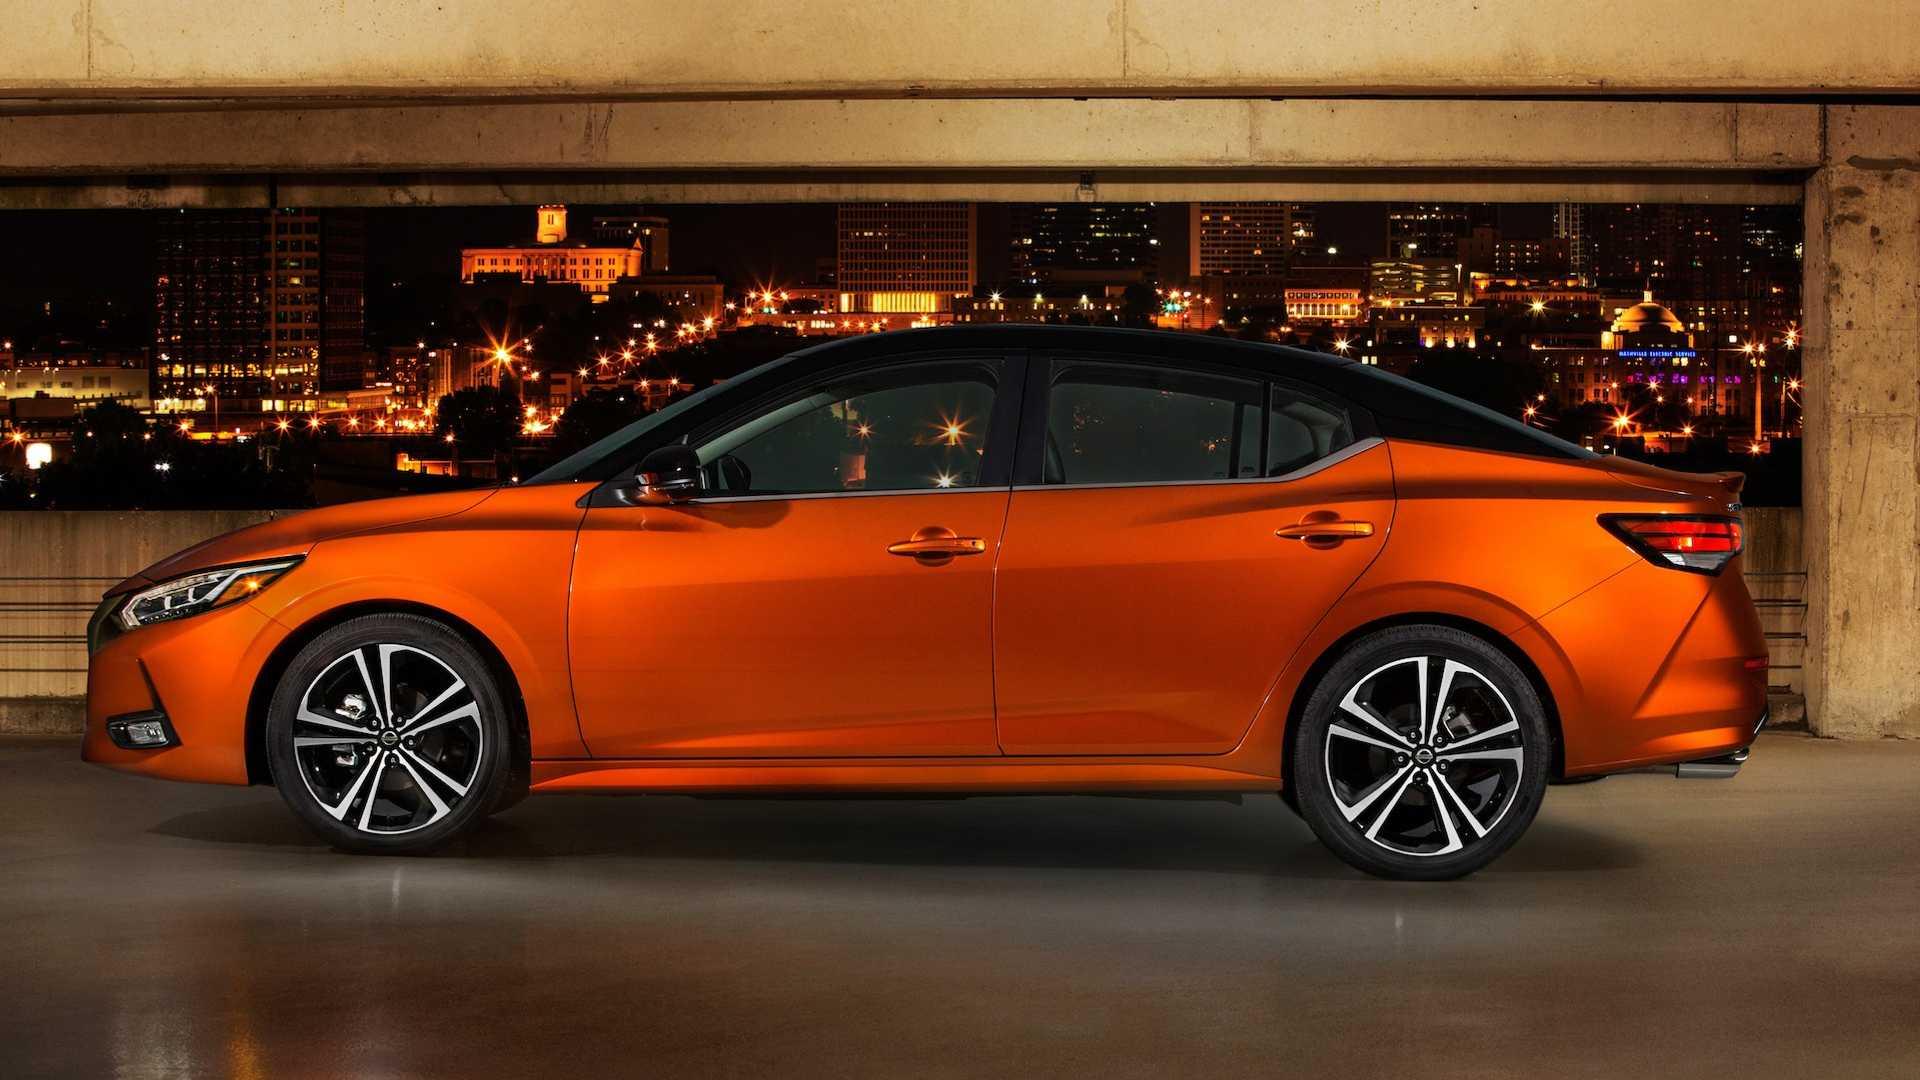 Nissan Sentra thế hệ mới đối đầu trực tiếp với Honda Civic hay Mazda3 - 27